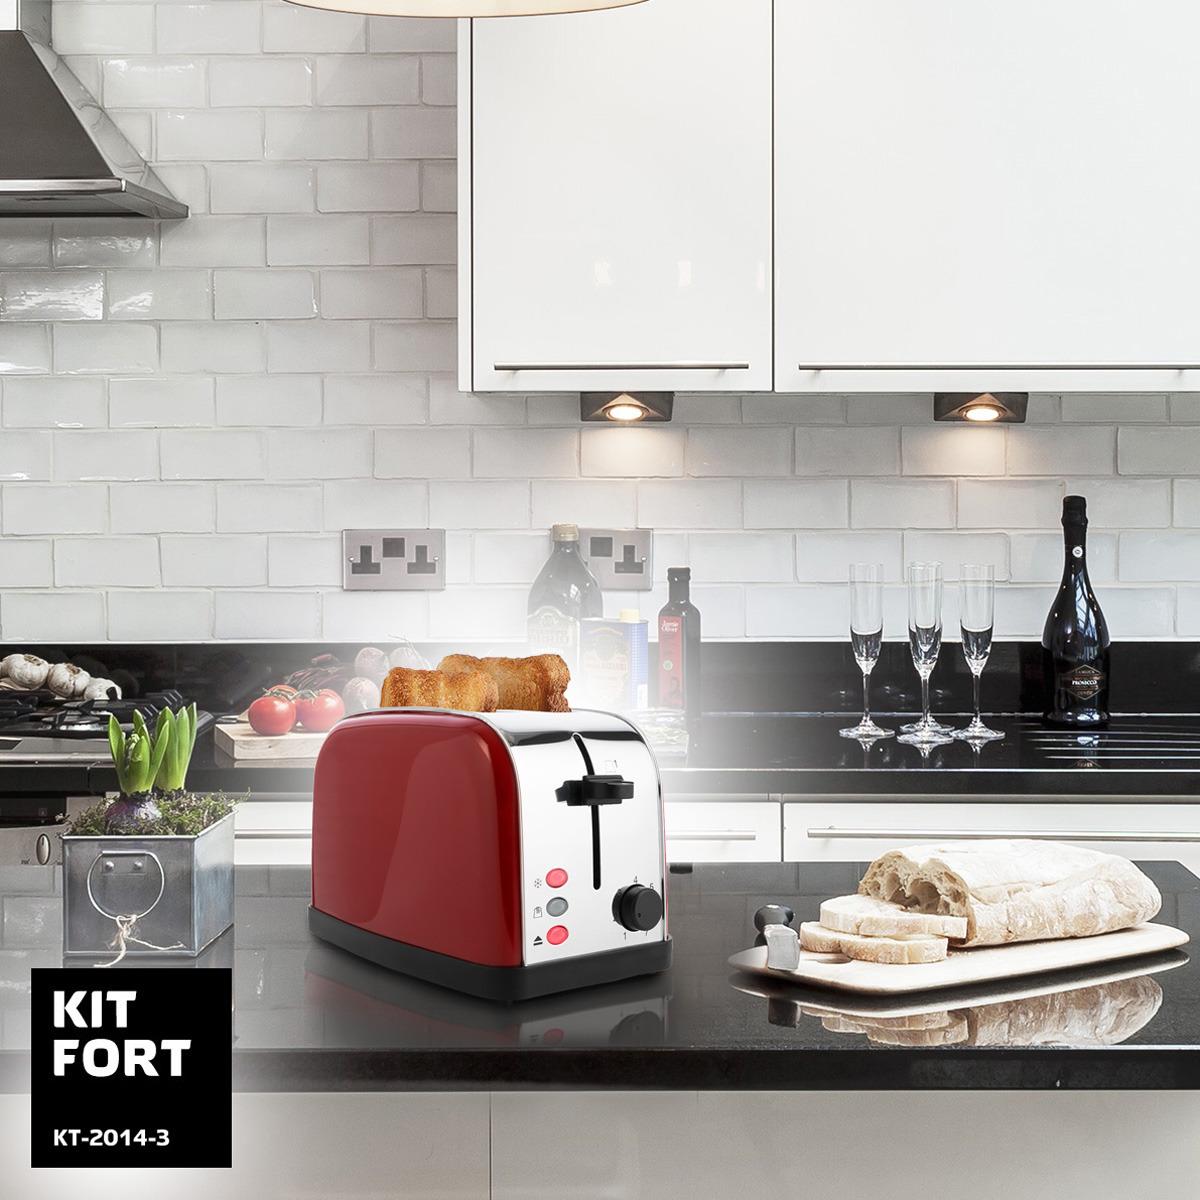 Тостер Kitfort КТ-2014-3, цвет:  красный Kitfort